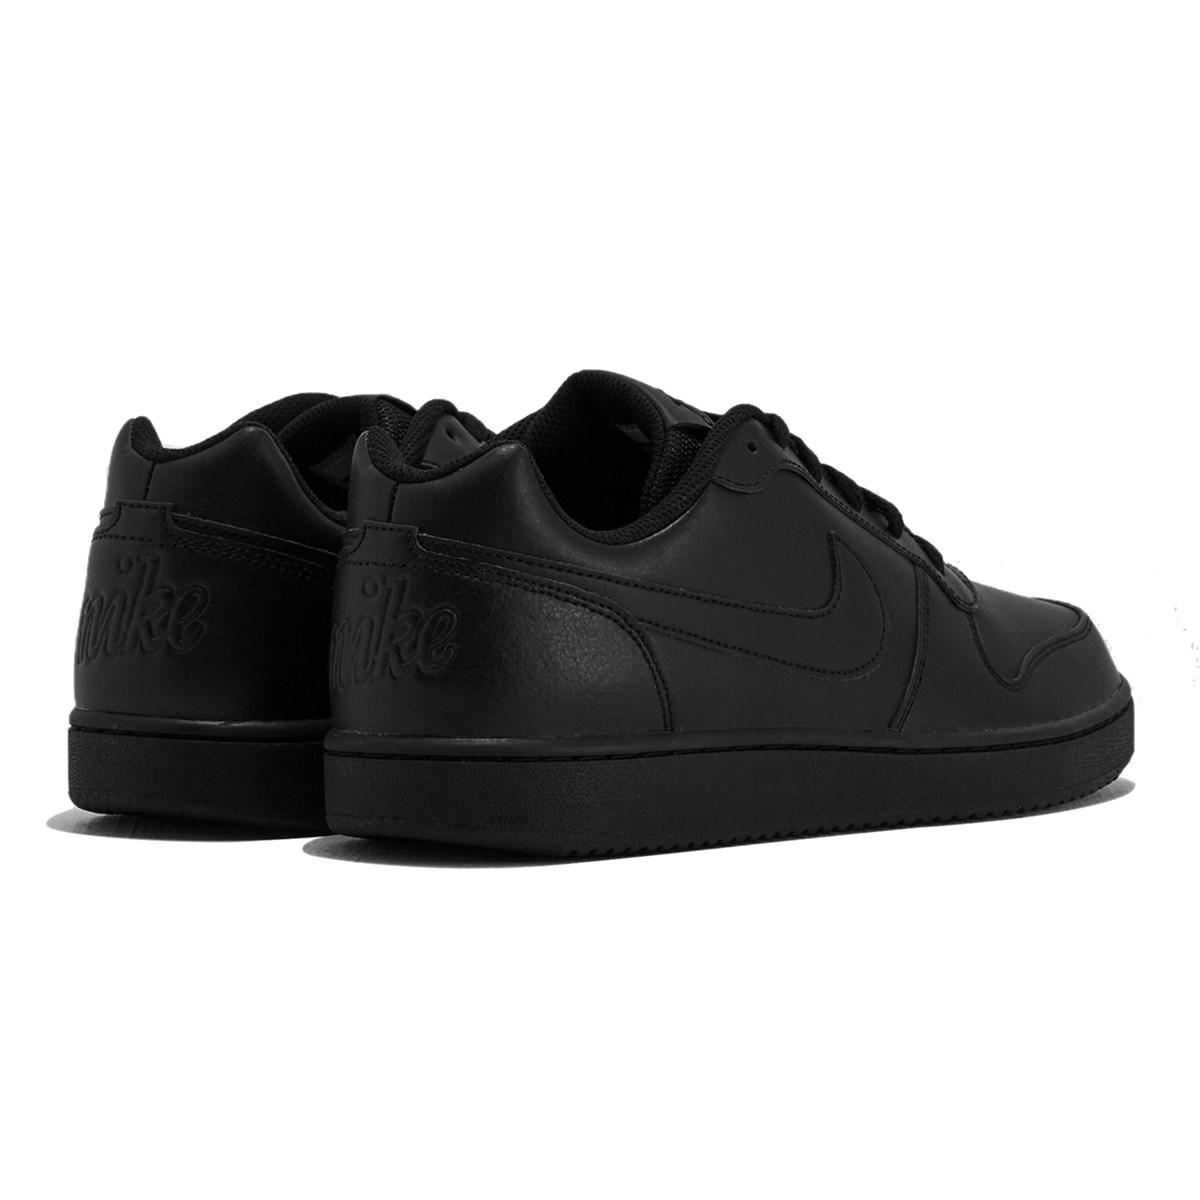 Ebernon Low Erkek Siyah Sneaker (AQ1775-003)